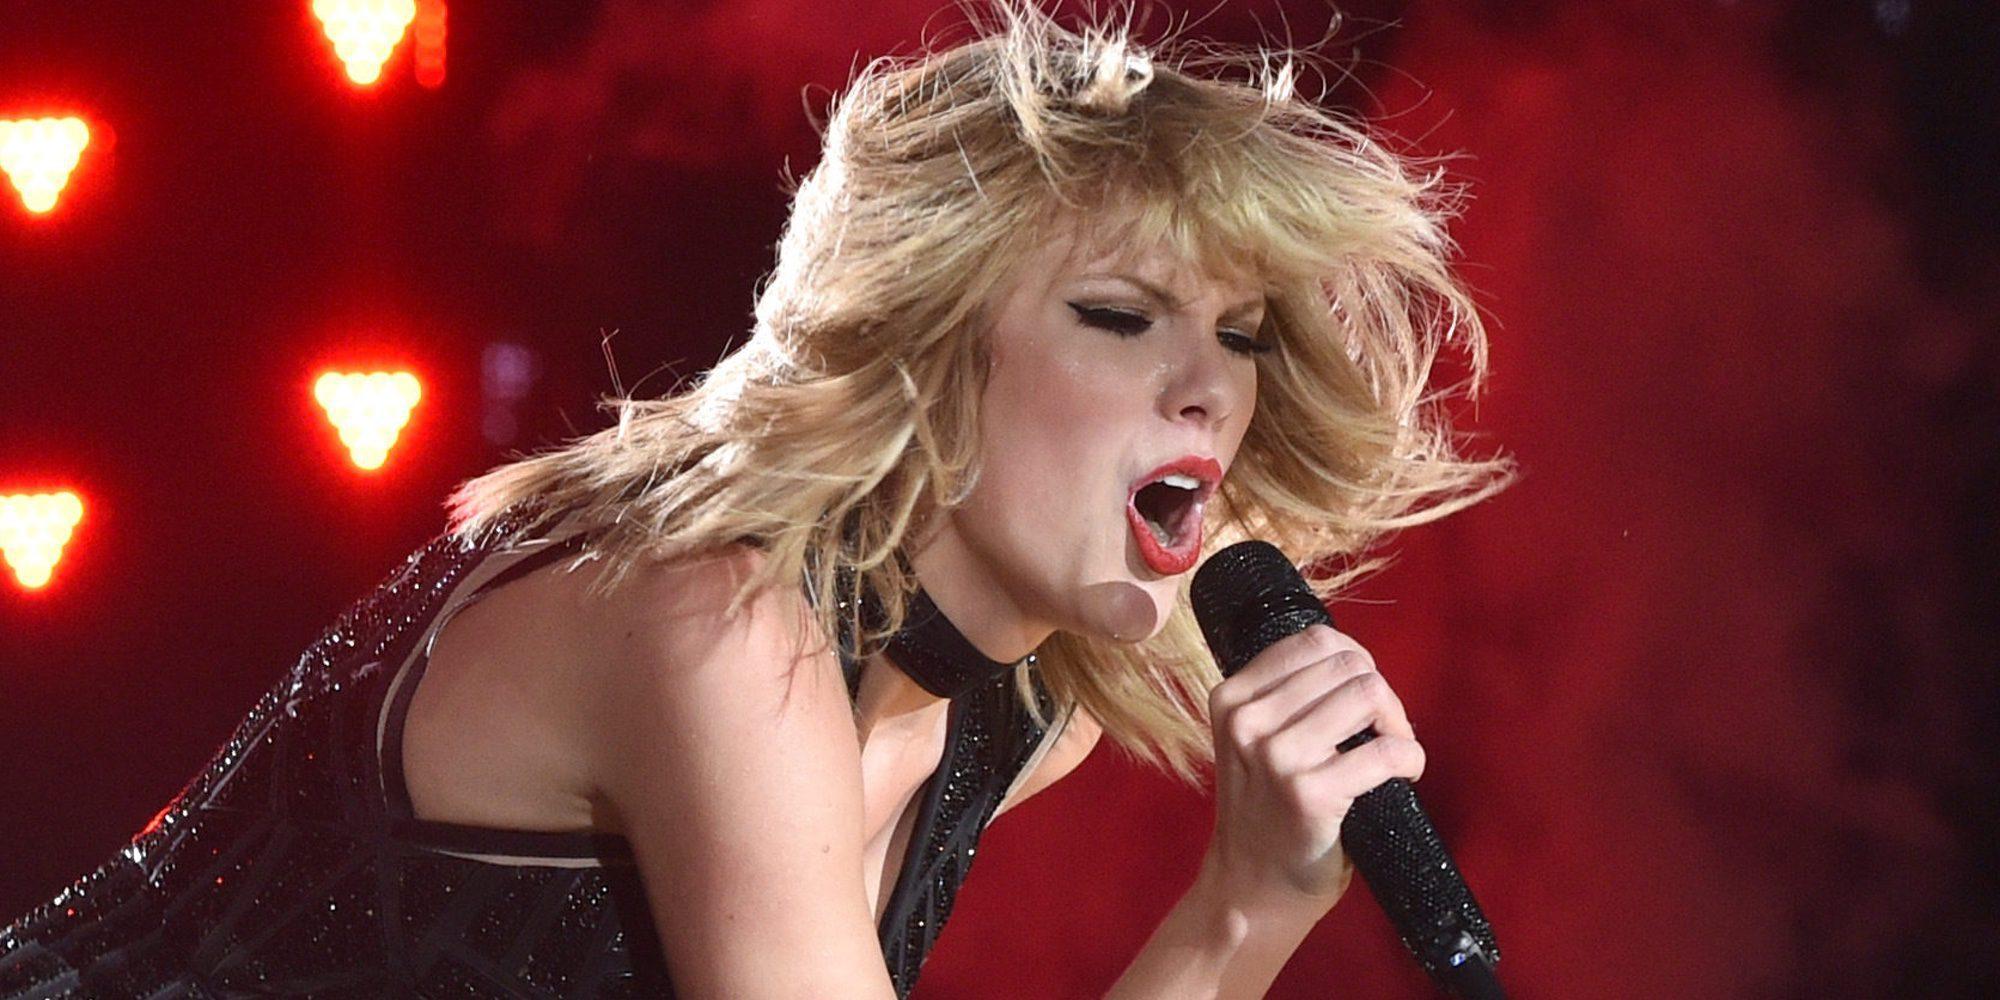 'Reputation': el nuevo disco de Taylor Swift se filtra en internet 12 horas antes de su lanzamiento